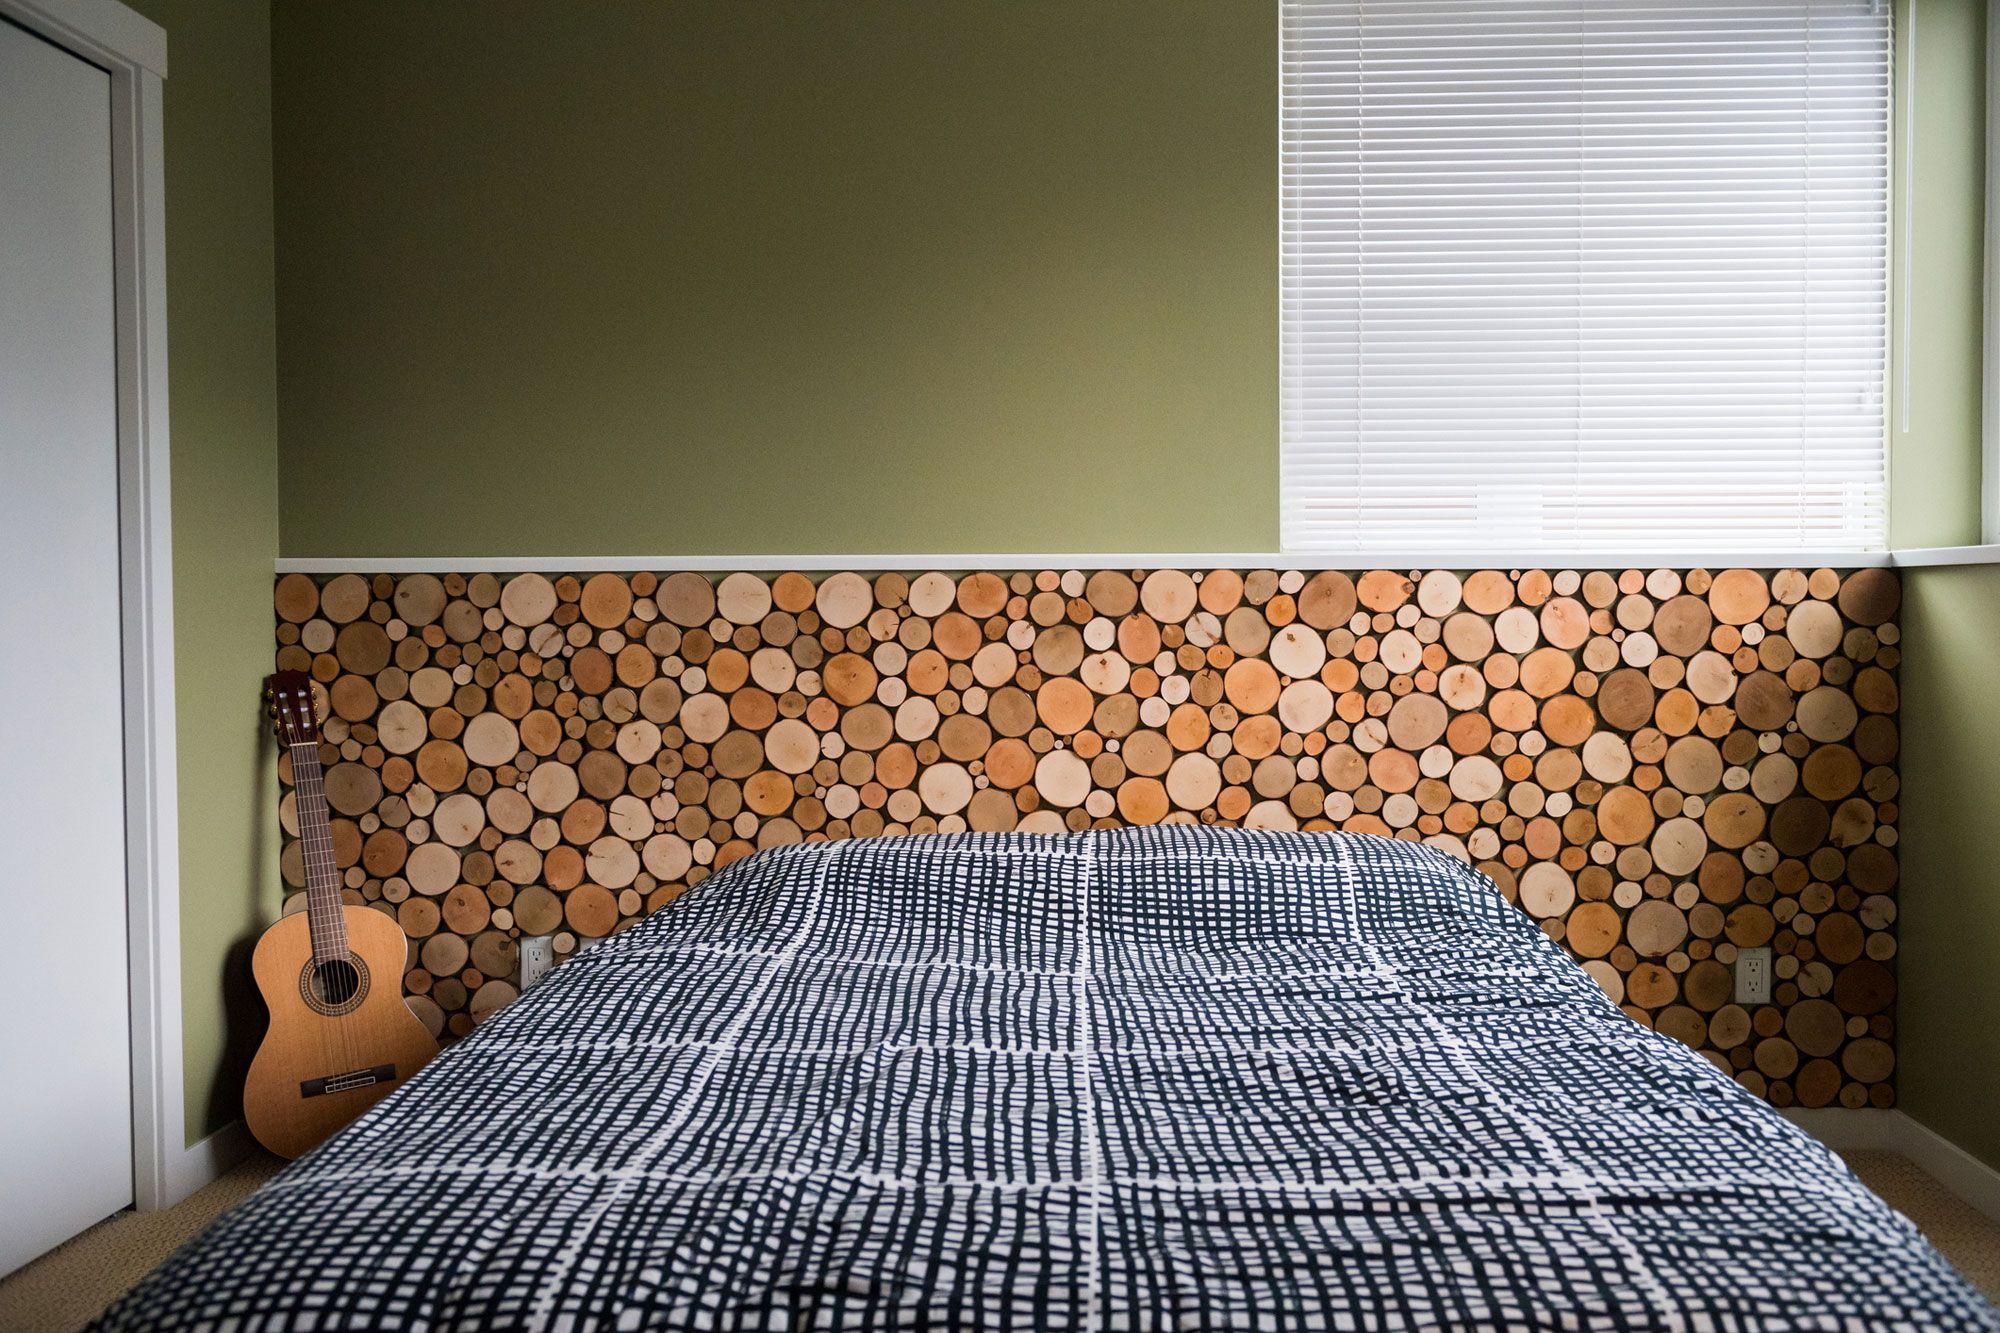 Troncos de madera para decorar el hogar hogarmania for Adornos para hogar